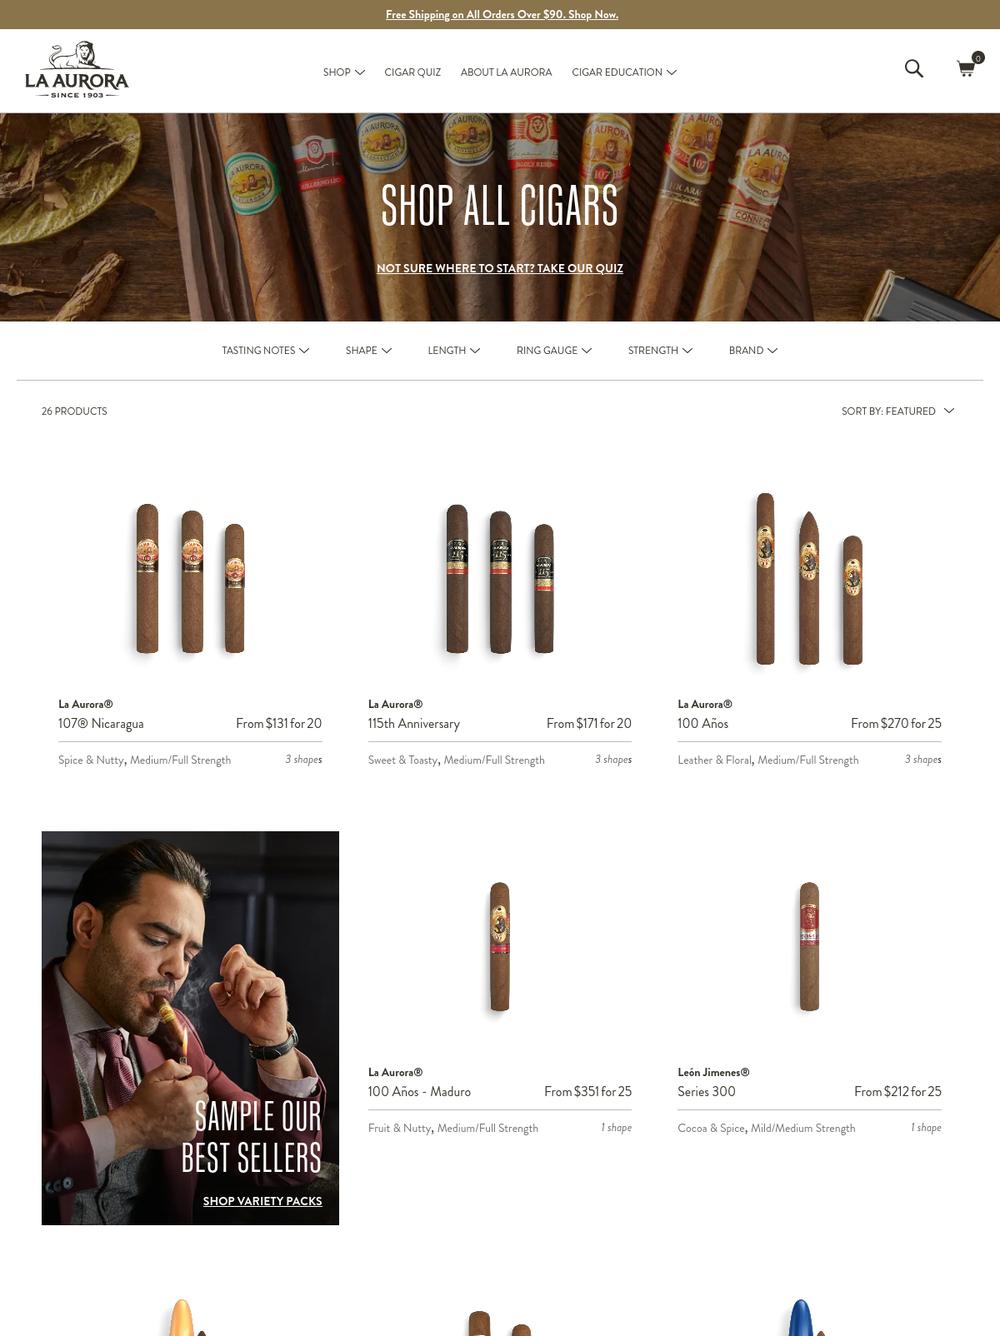 Screenshot_2021-05-27 La Aurora Shop All Premium Cigars.png